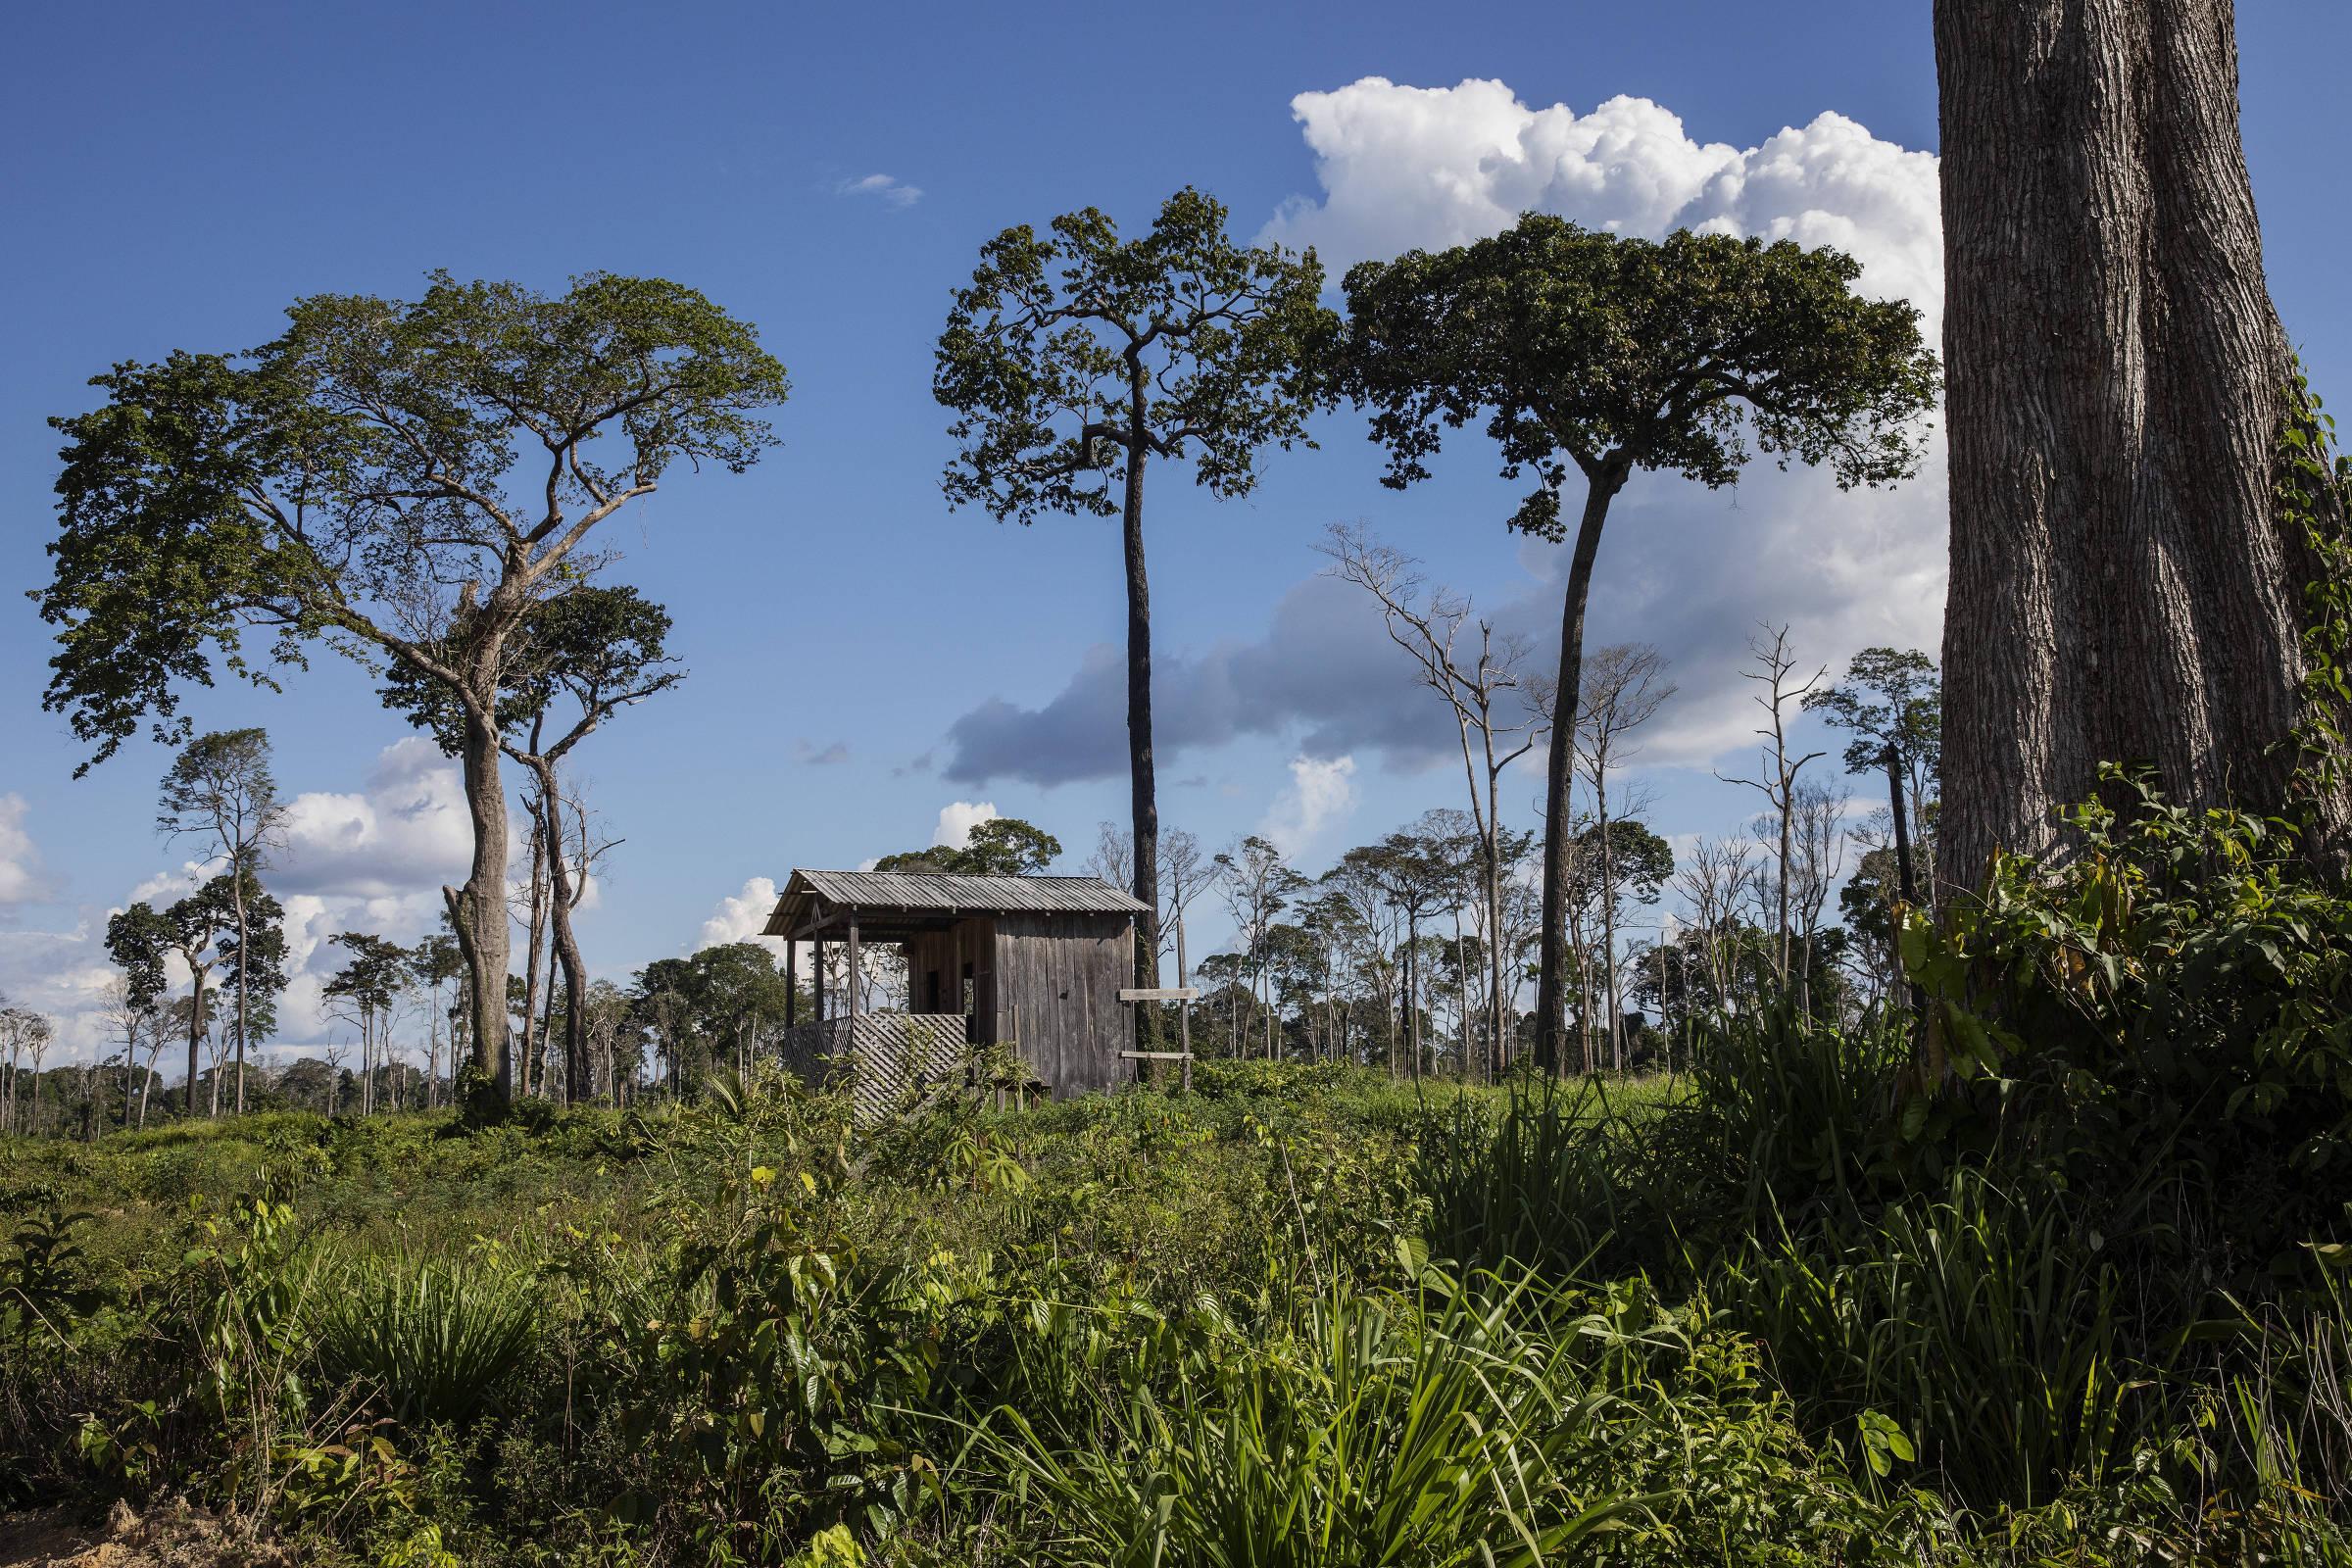 Área desmatada ilegalmente no município de Uruará, localizada durante operação de combate ao desmatamento da Secretaria Estadual do Meio Ambiente do Pará